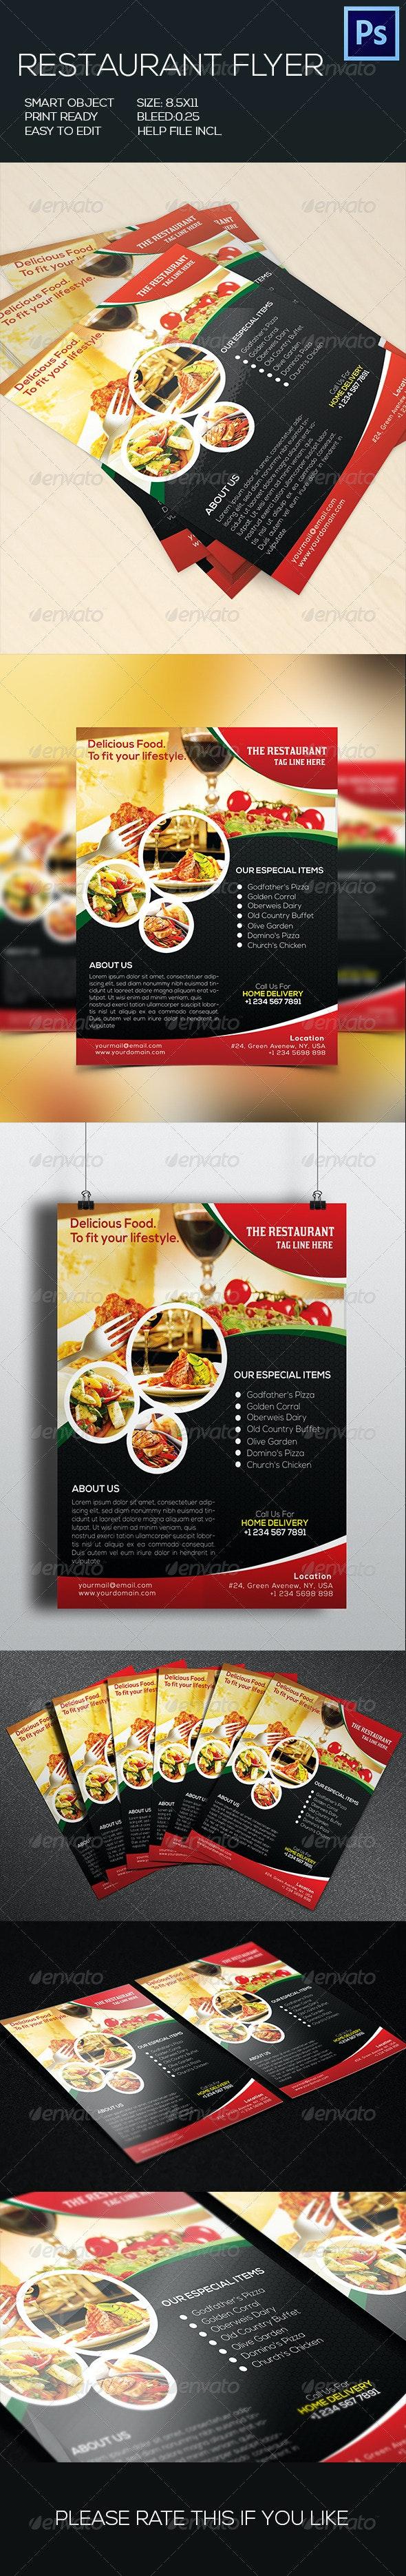 Retaurant Food Flyer - Restaurant Flyers